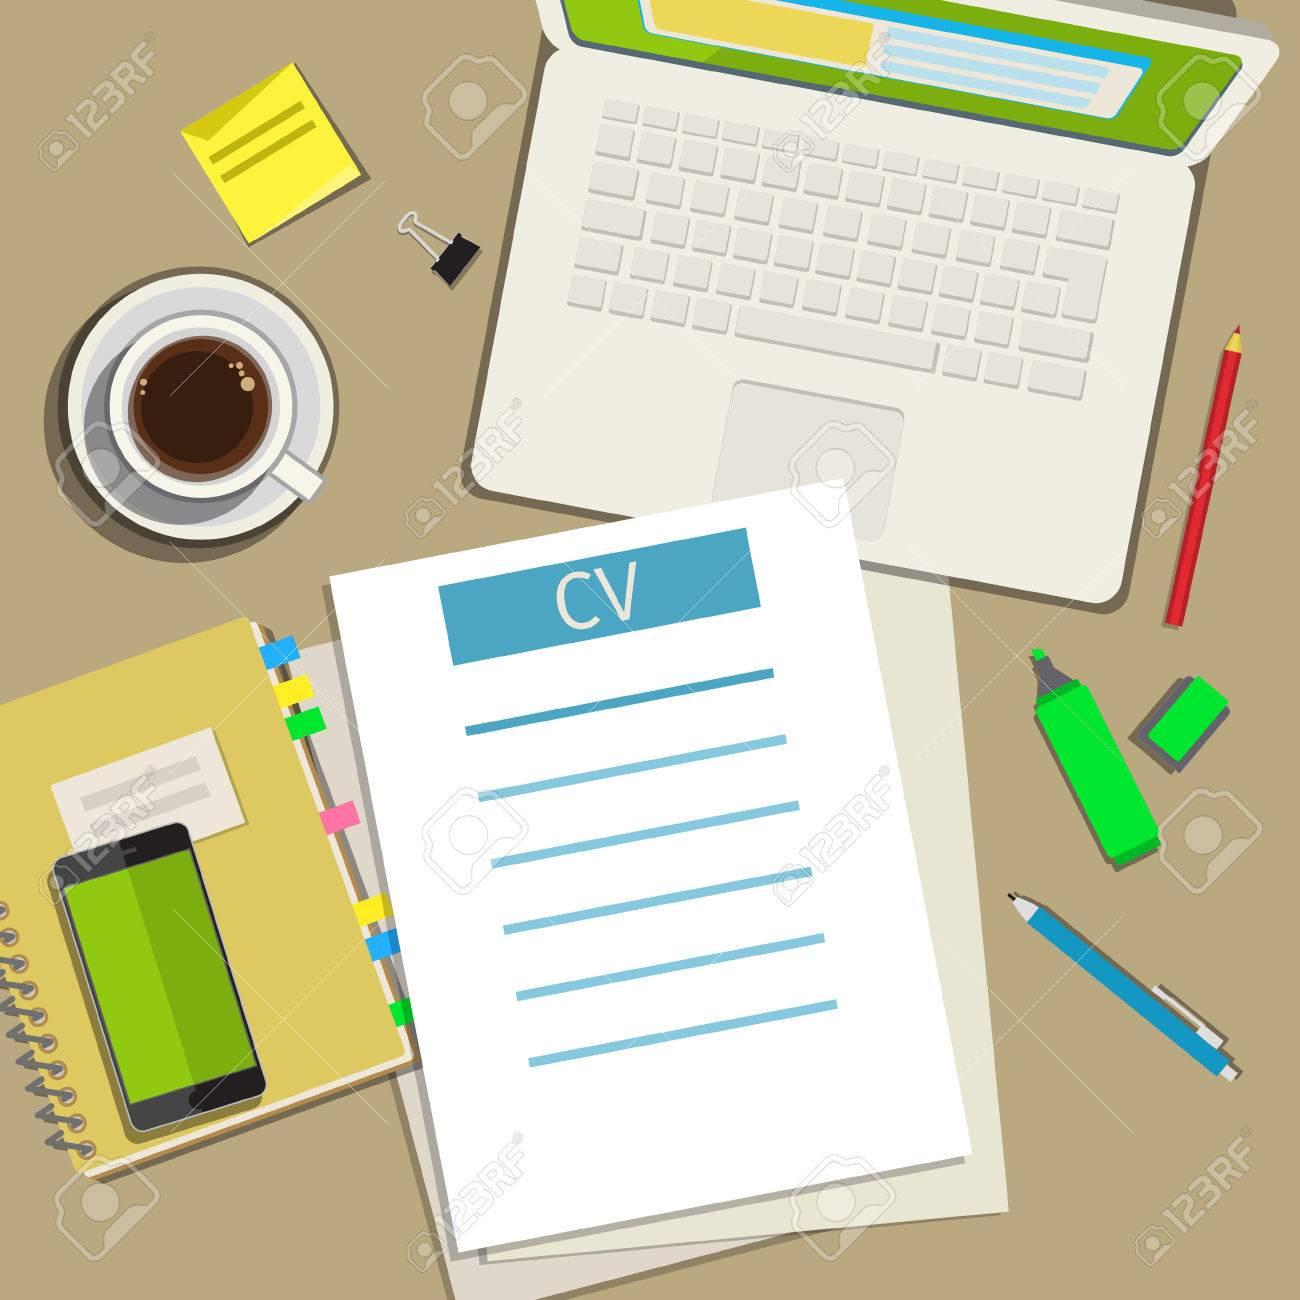 Escribir Un Curriculum Vitae Cv Concepto De Negocio. Diseño Plano ...